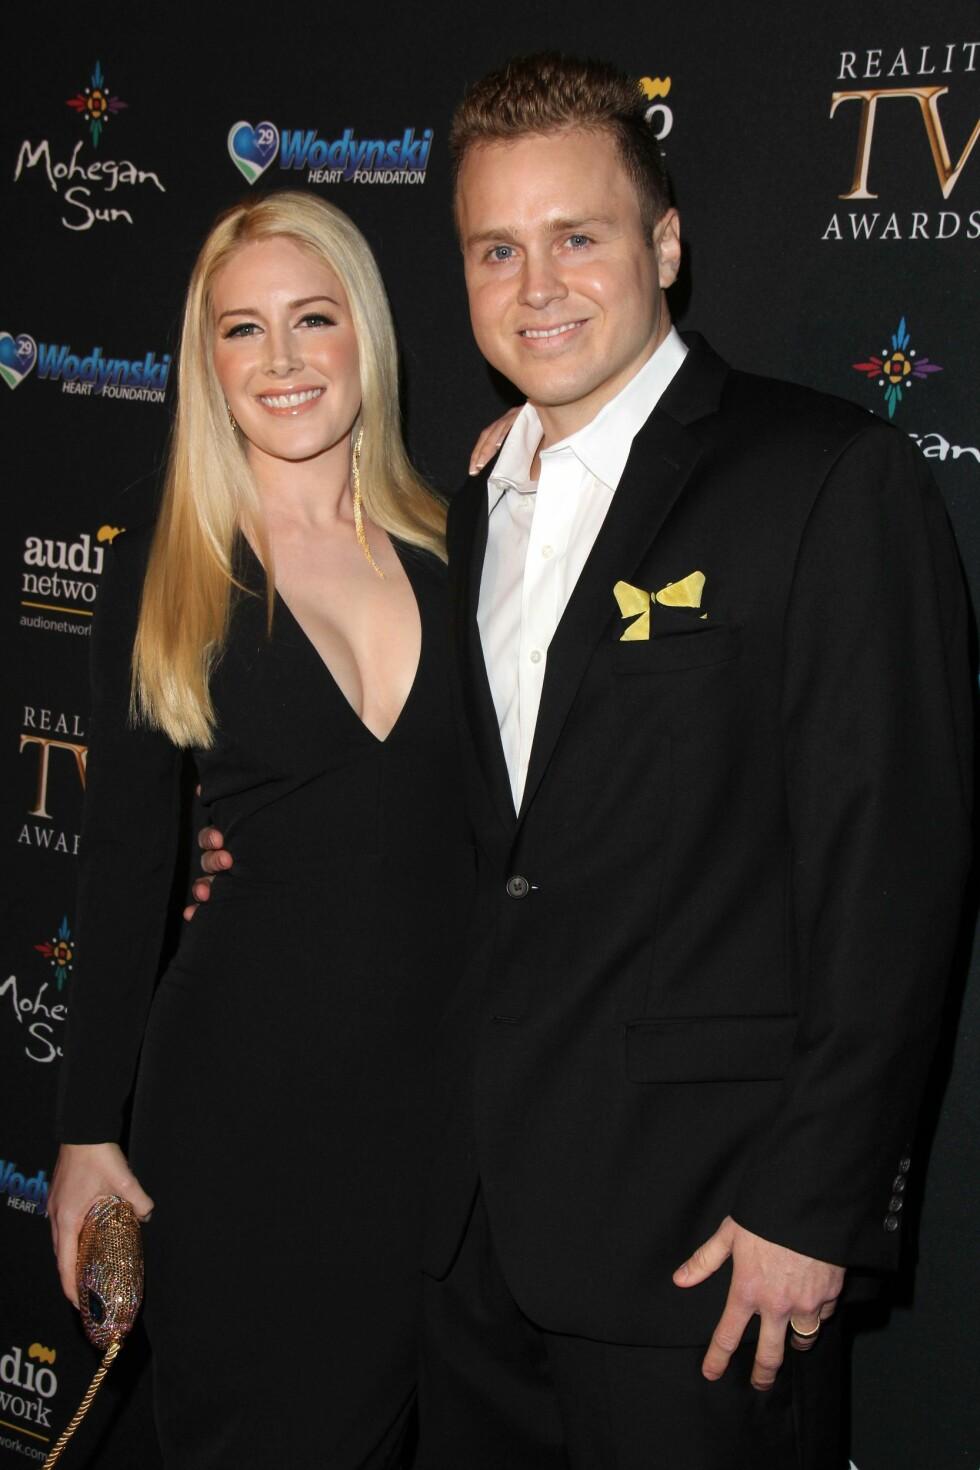 FORTSATT ET PAR: Spencer Pratt og Heidi Montag har holdt sammen i tykt og tynt. Her i 2015. Foto: Buzzfoto.com